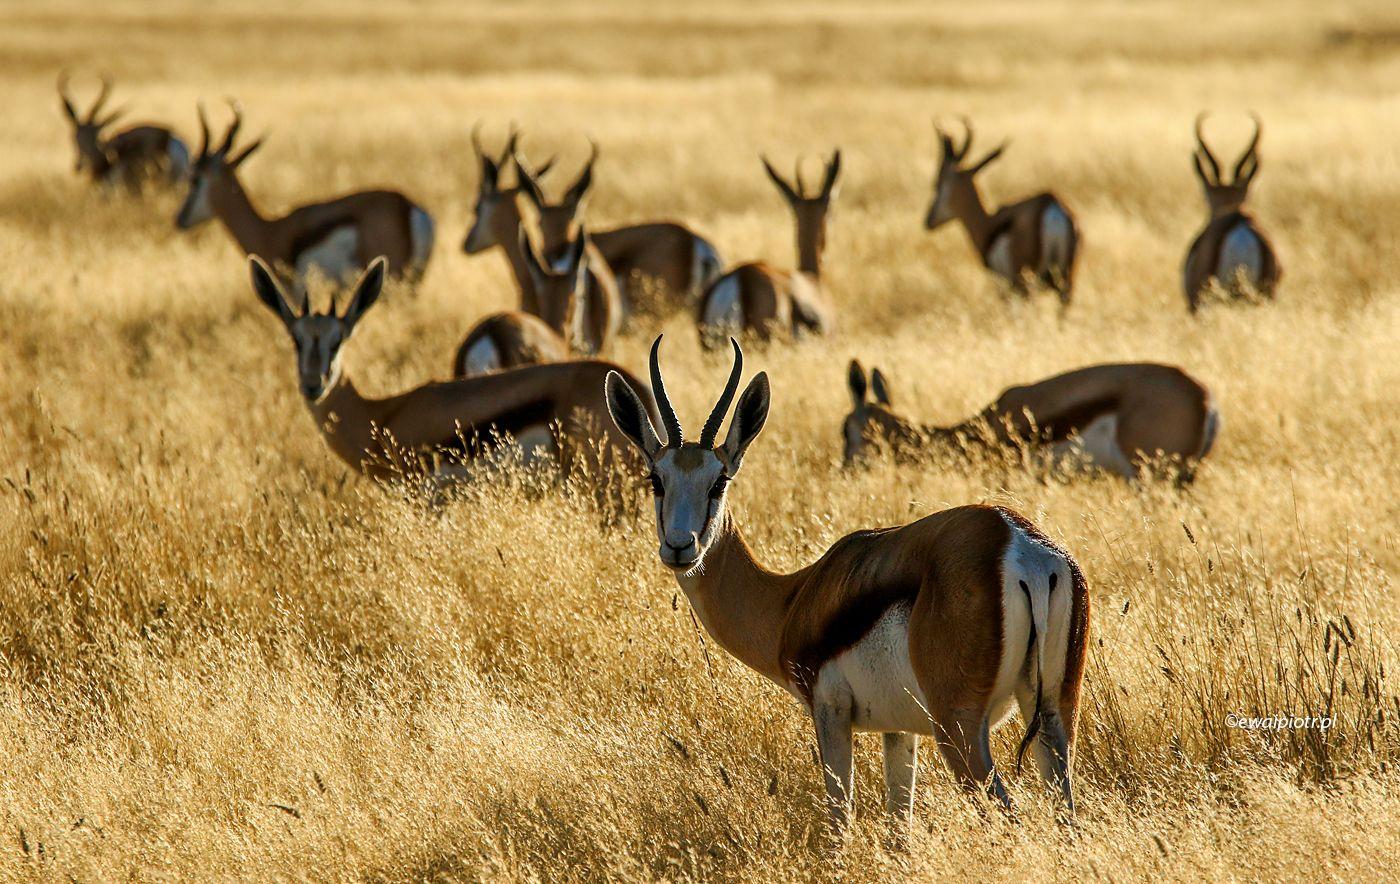 Klucz antylop, Namibia